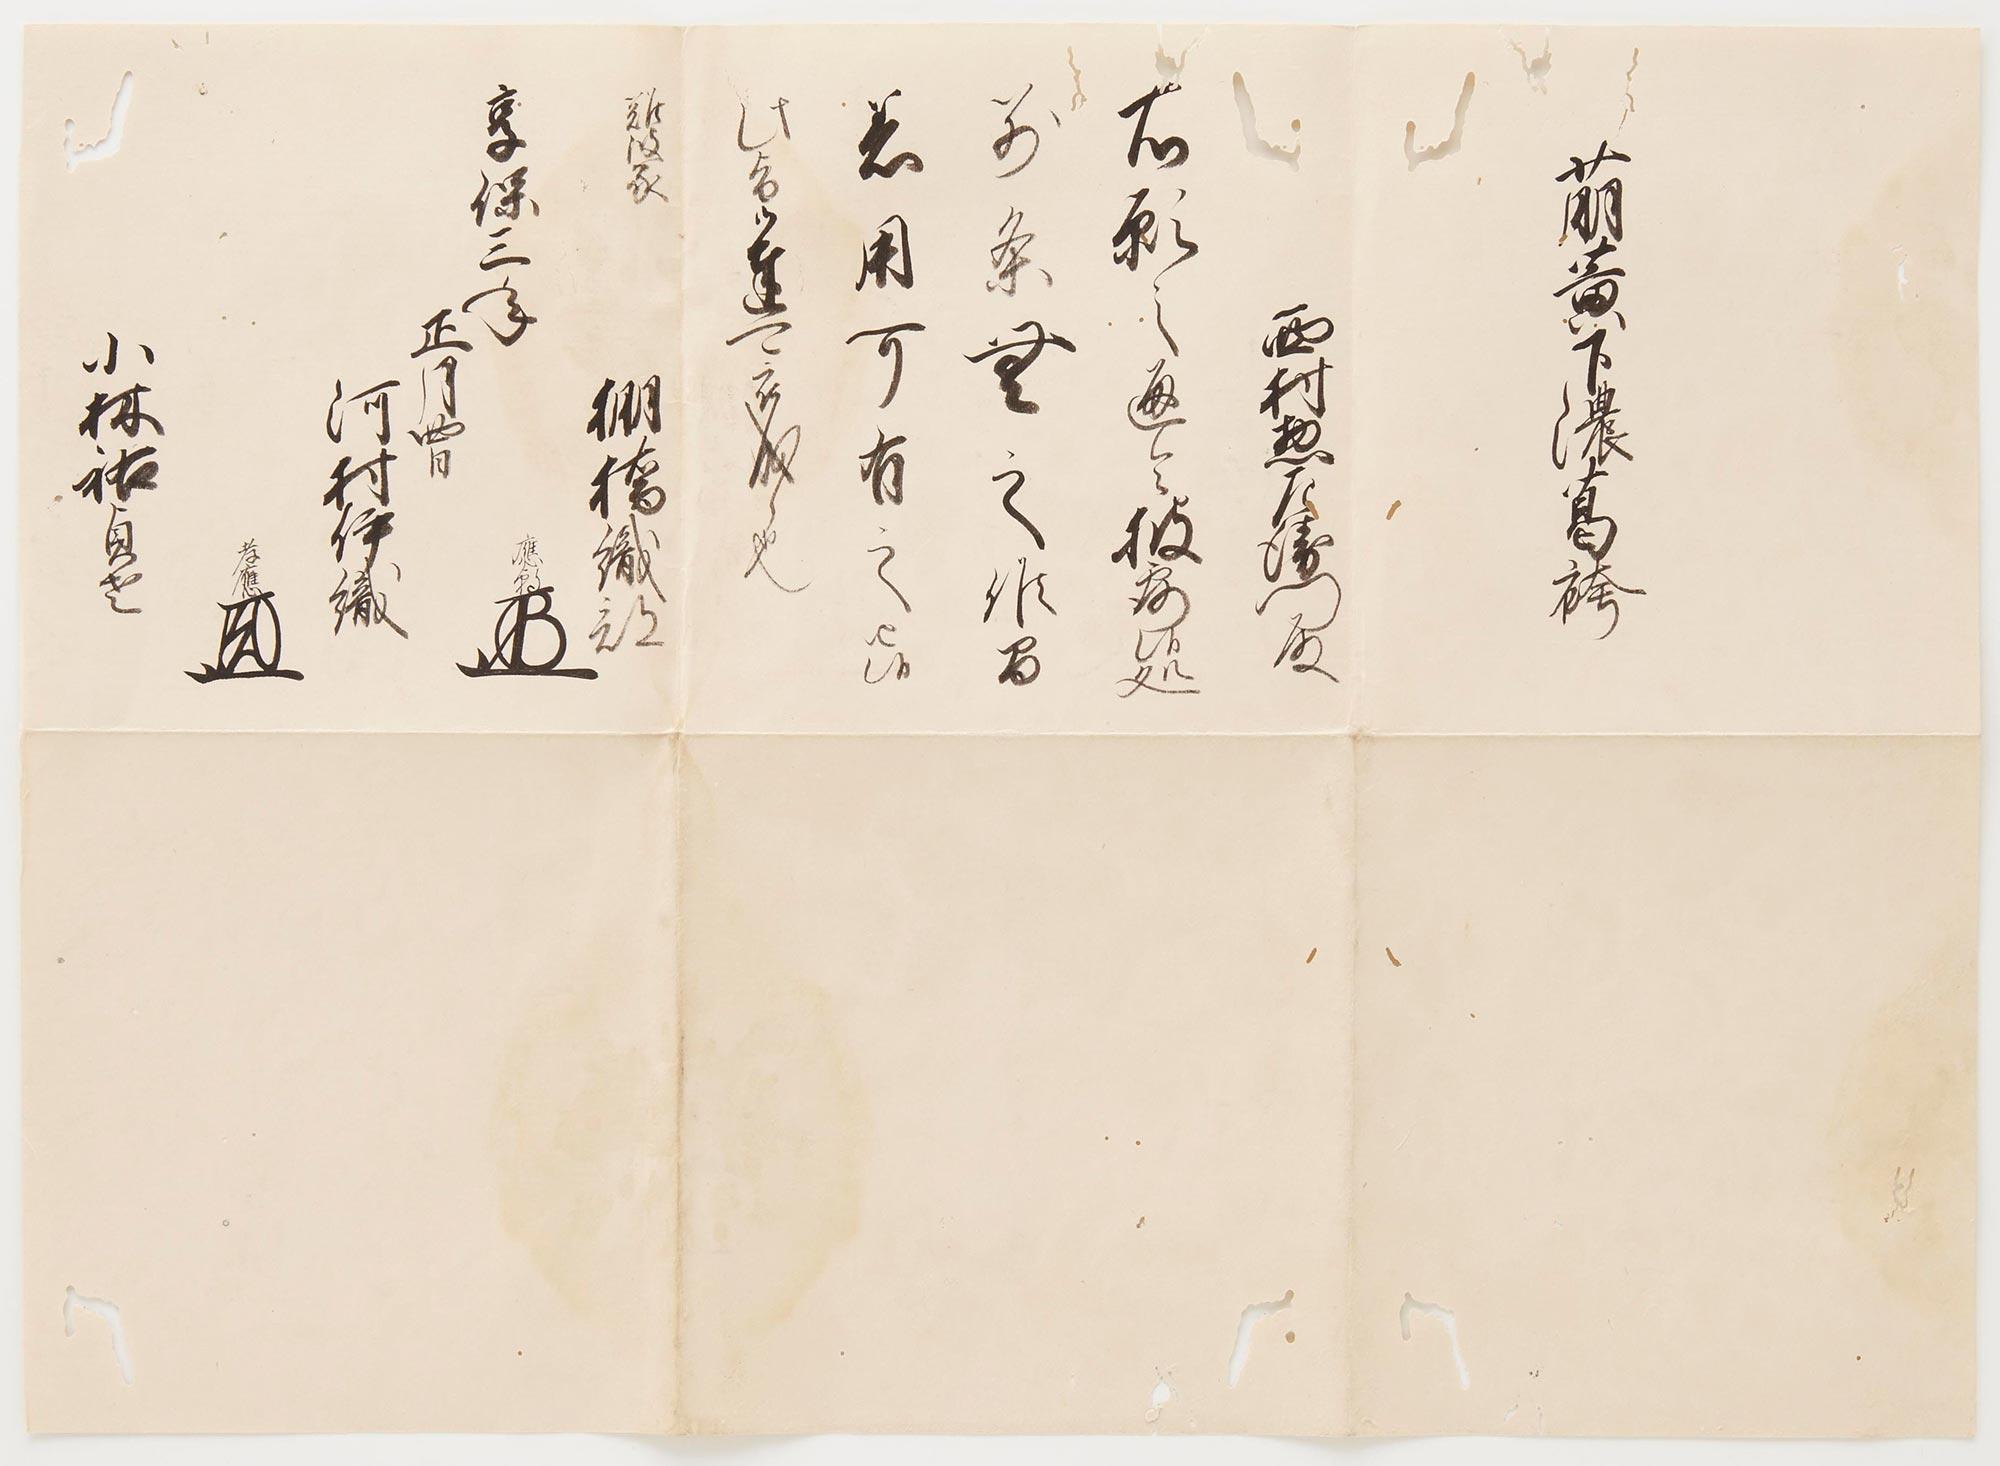 蹴鞠 萌黄下濃葛袴免状 / 享保3(1718)年正月4日